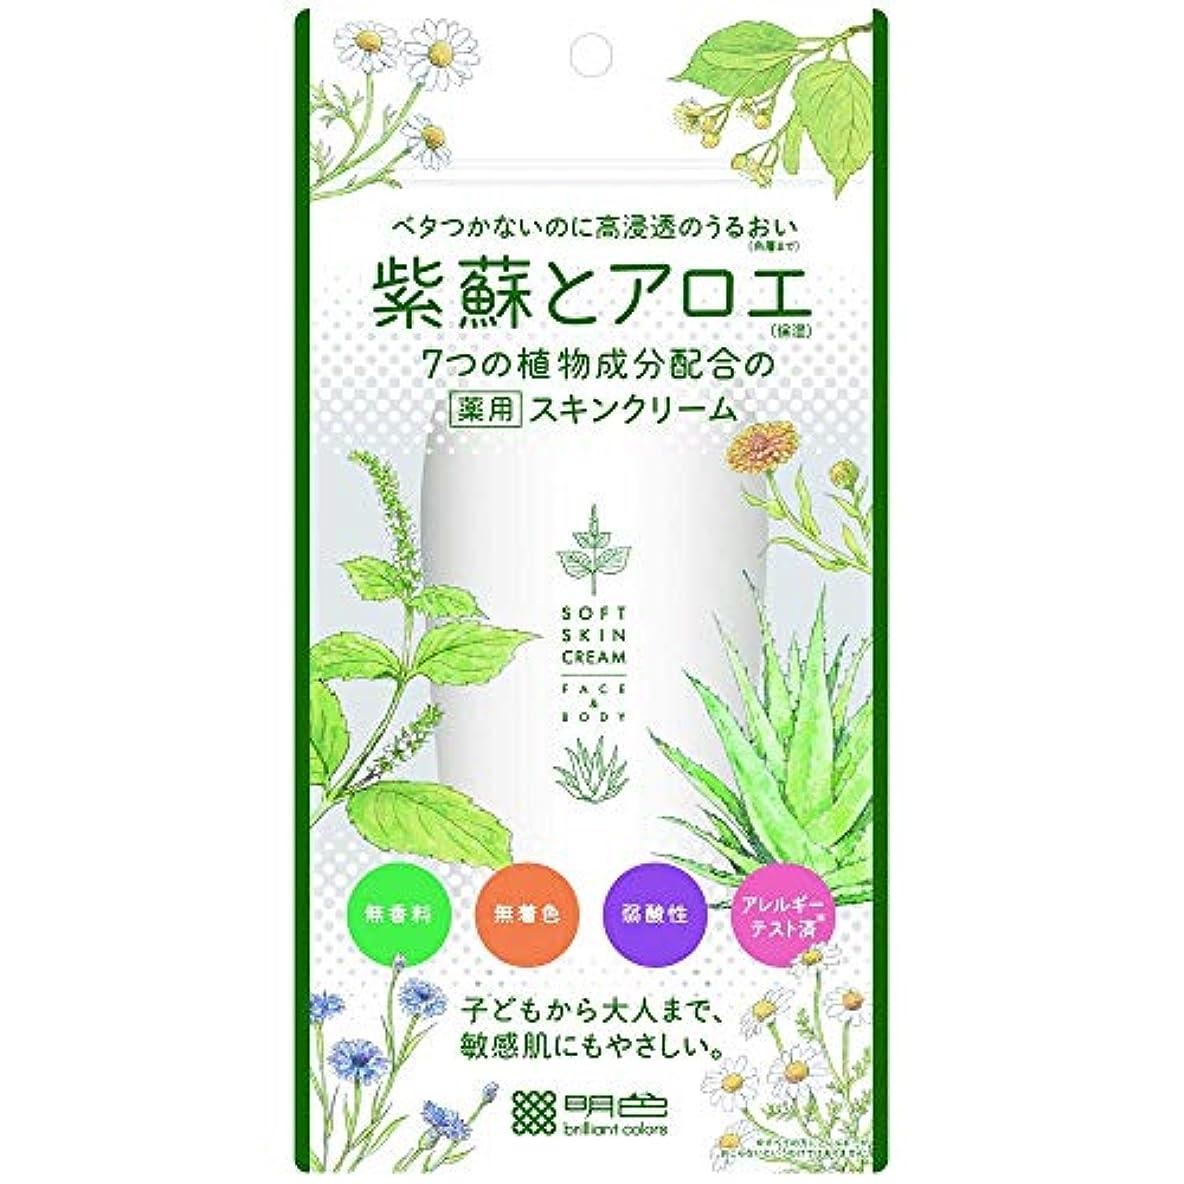 逸脱好奇心盛攻撃【9個セット】紫蘇とアロエ 薬用スキンクリーム 190g